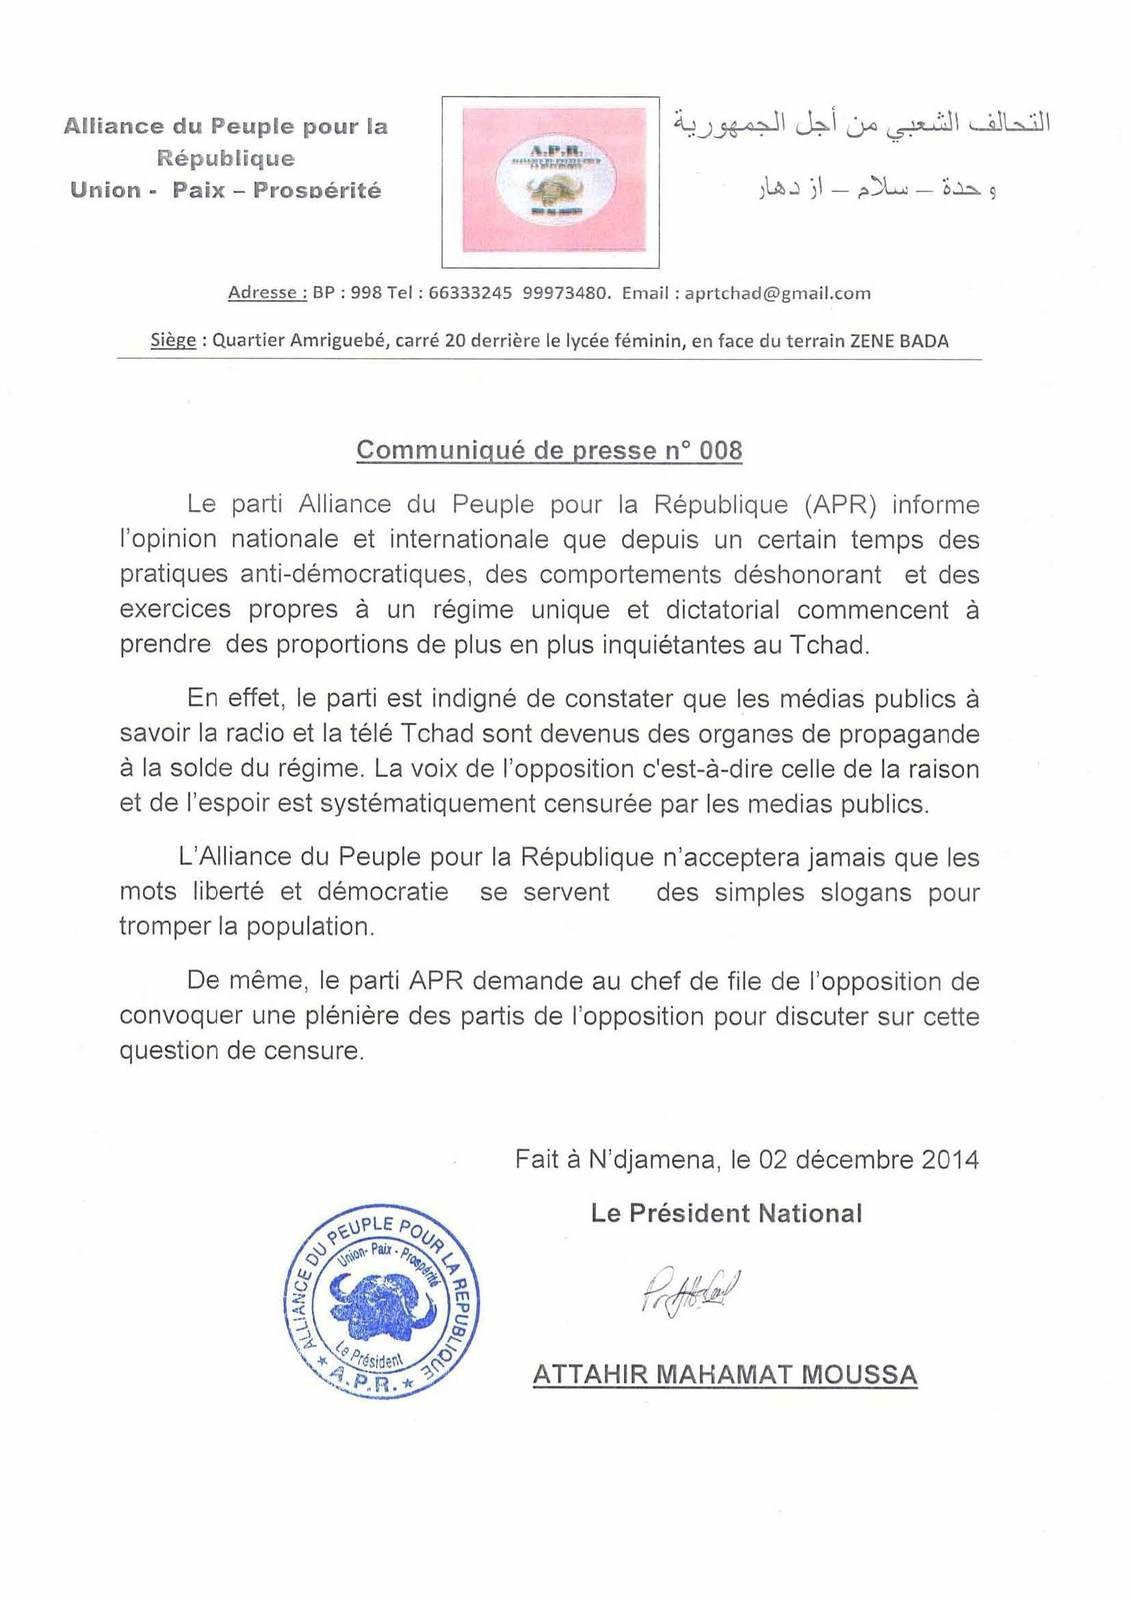 Tchad: le parti APR dénonce la propagande des médias publics